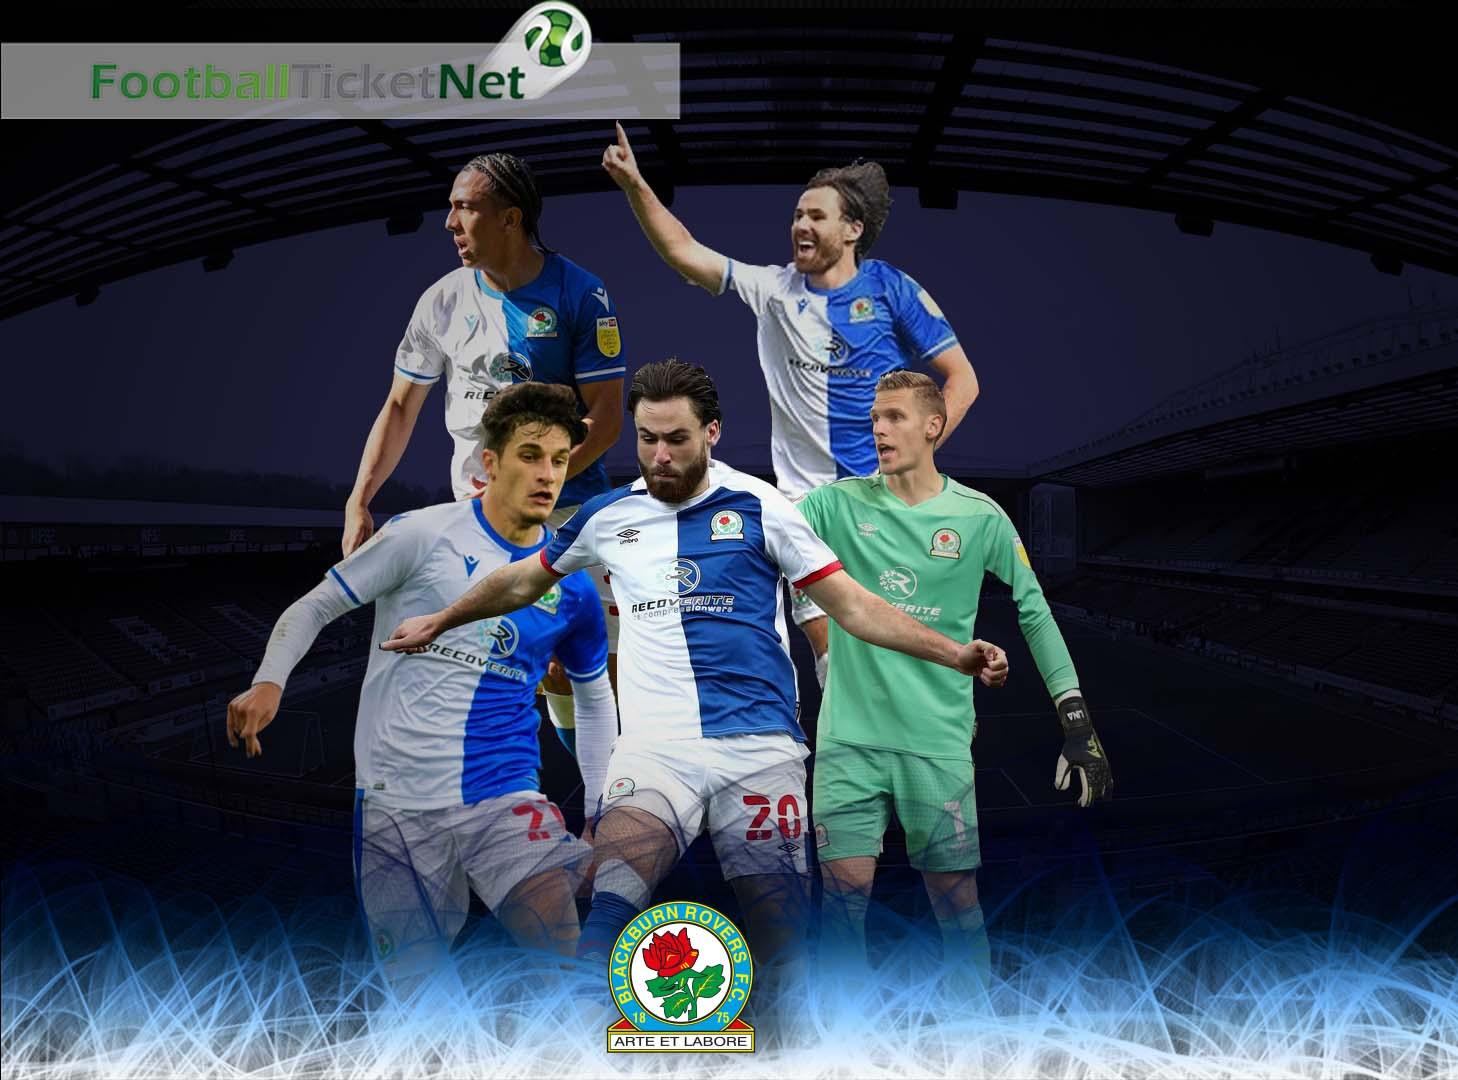 Buy Blackburn Rovers Football Tickets 2019 20 Football Ticket Net